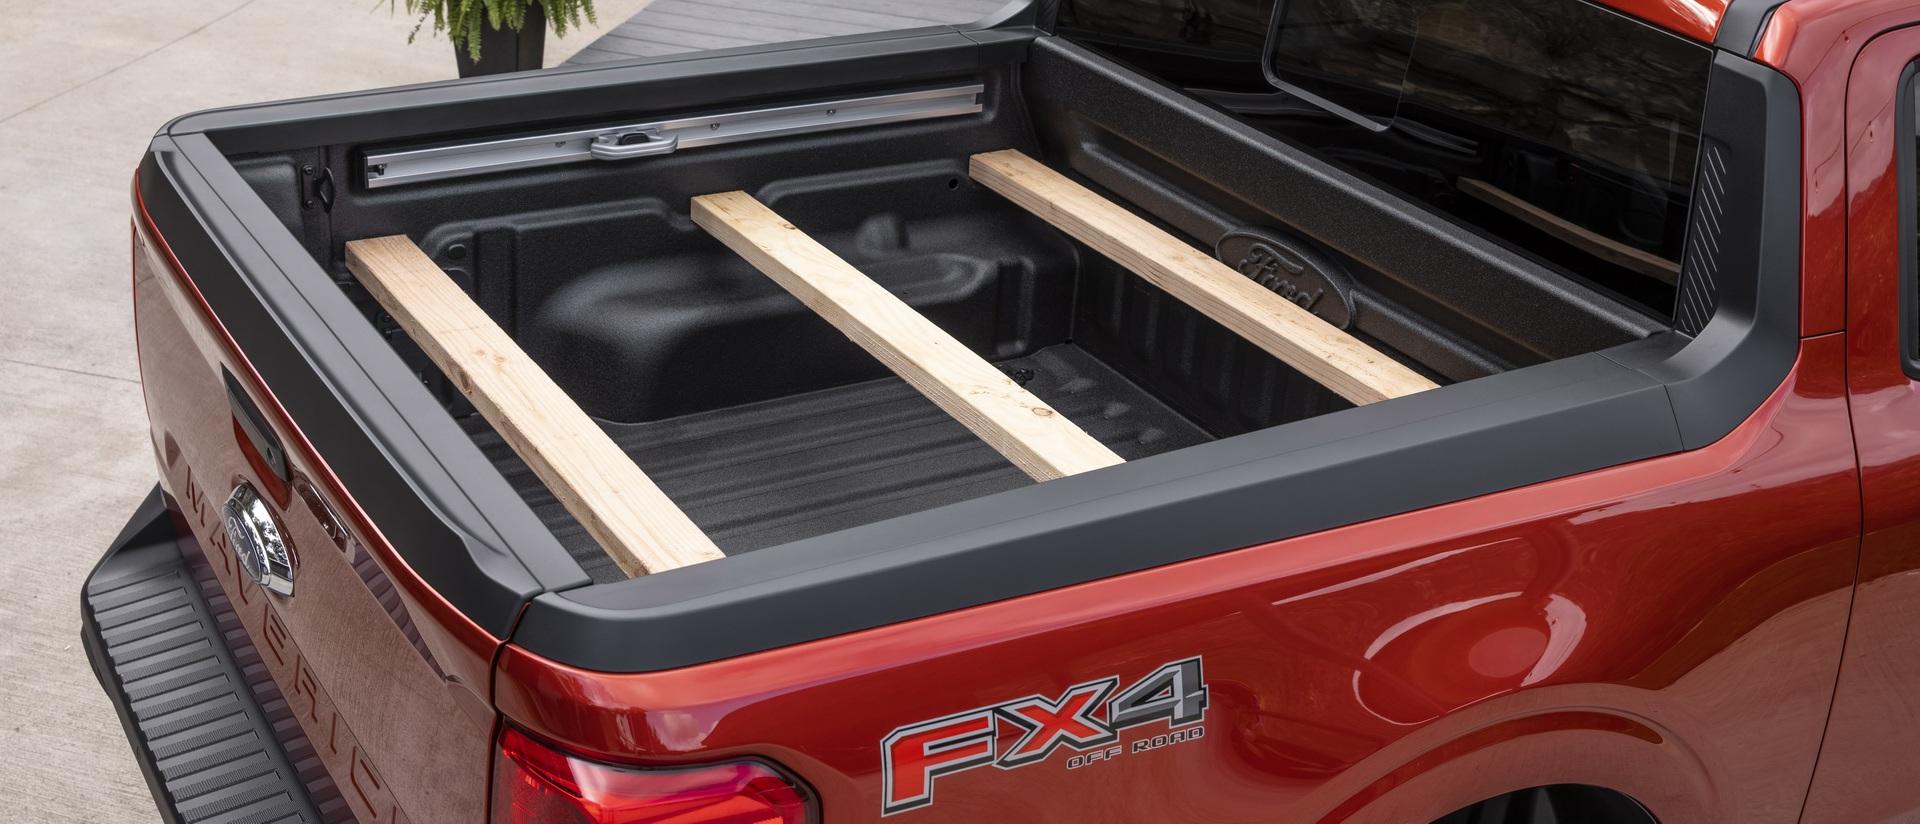 Ford ra mắt mẫu xe bán tải Maverick nhỏ hơn Ranger - 19